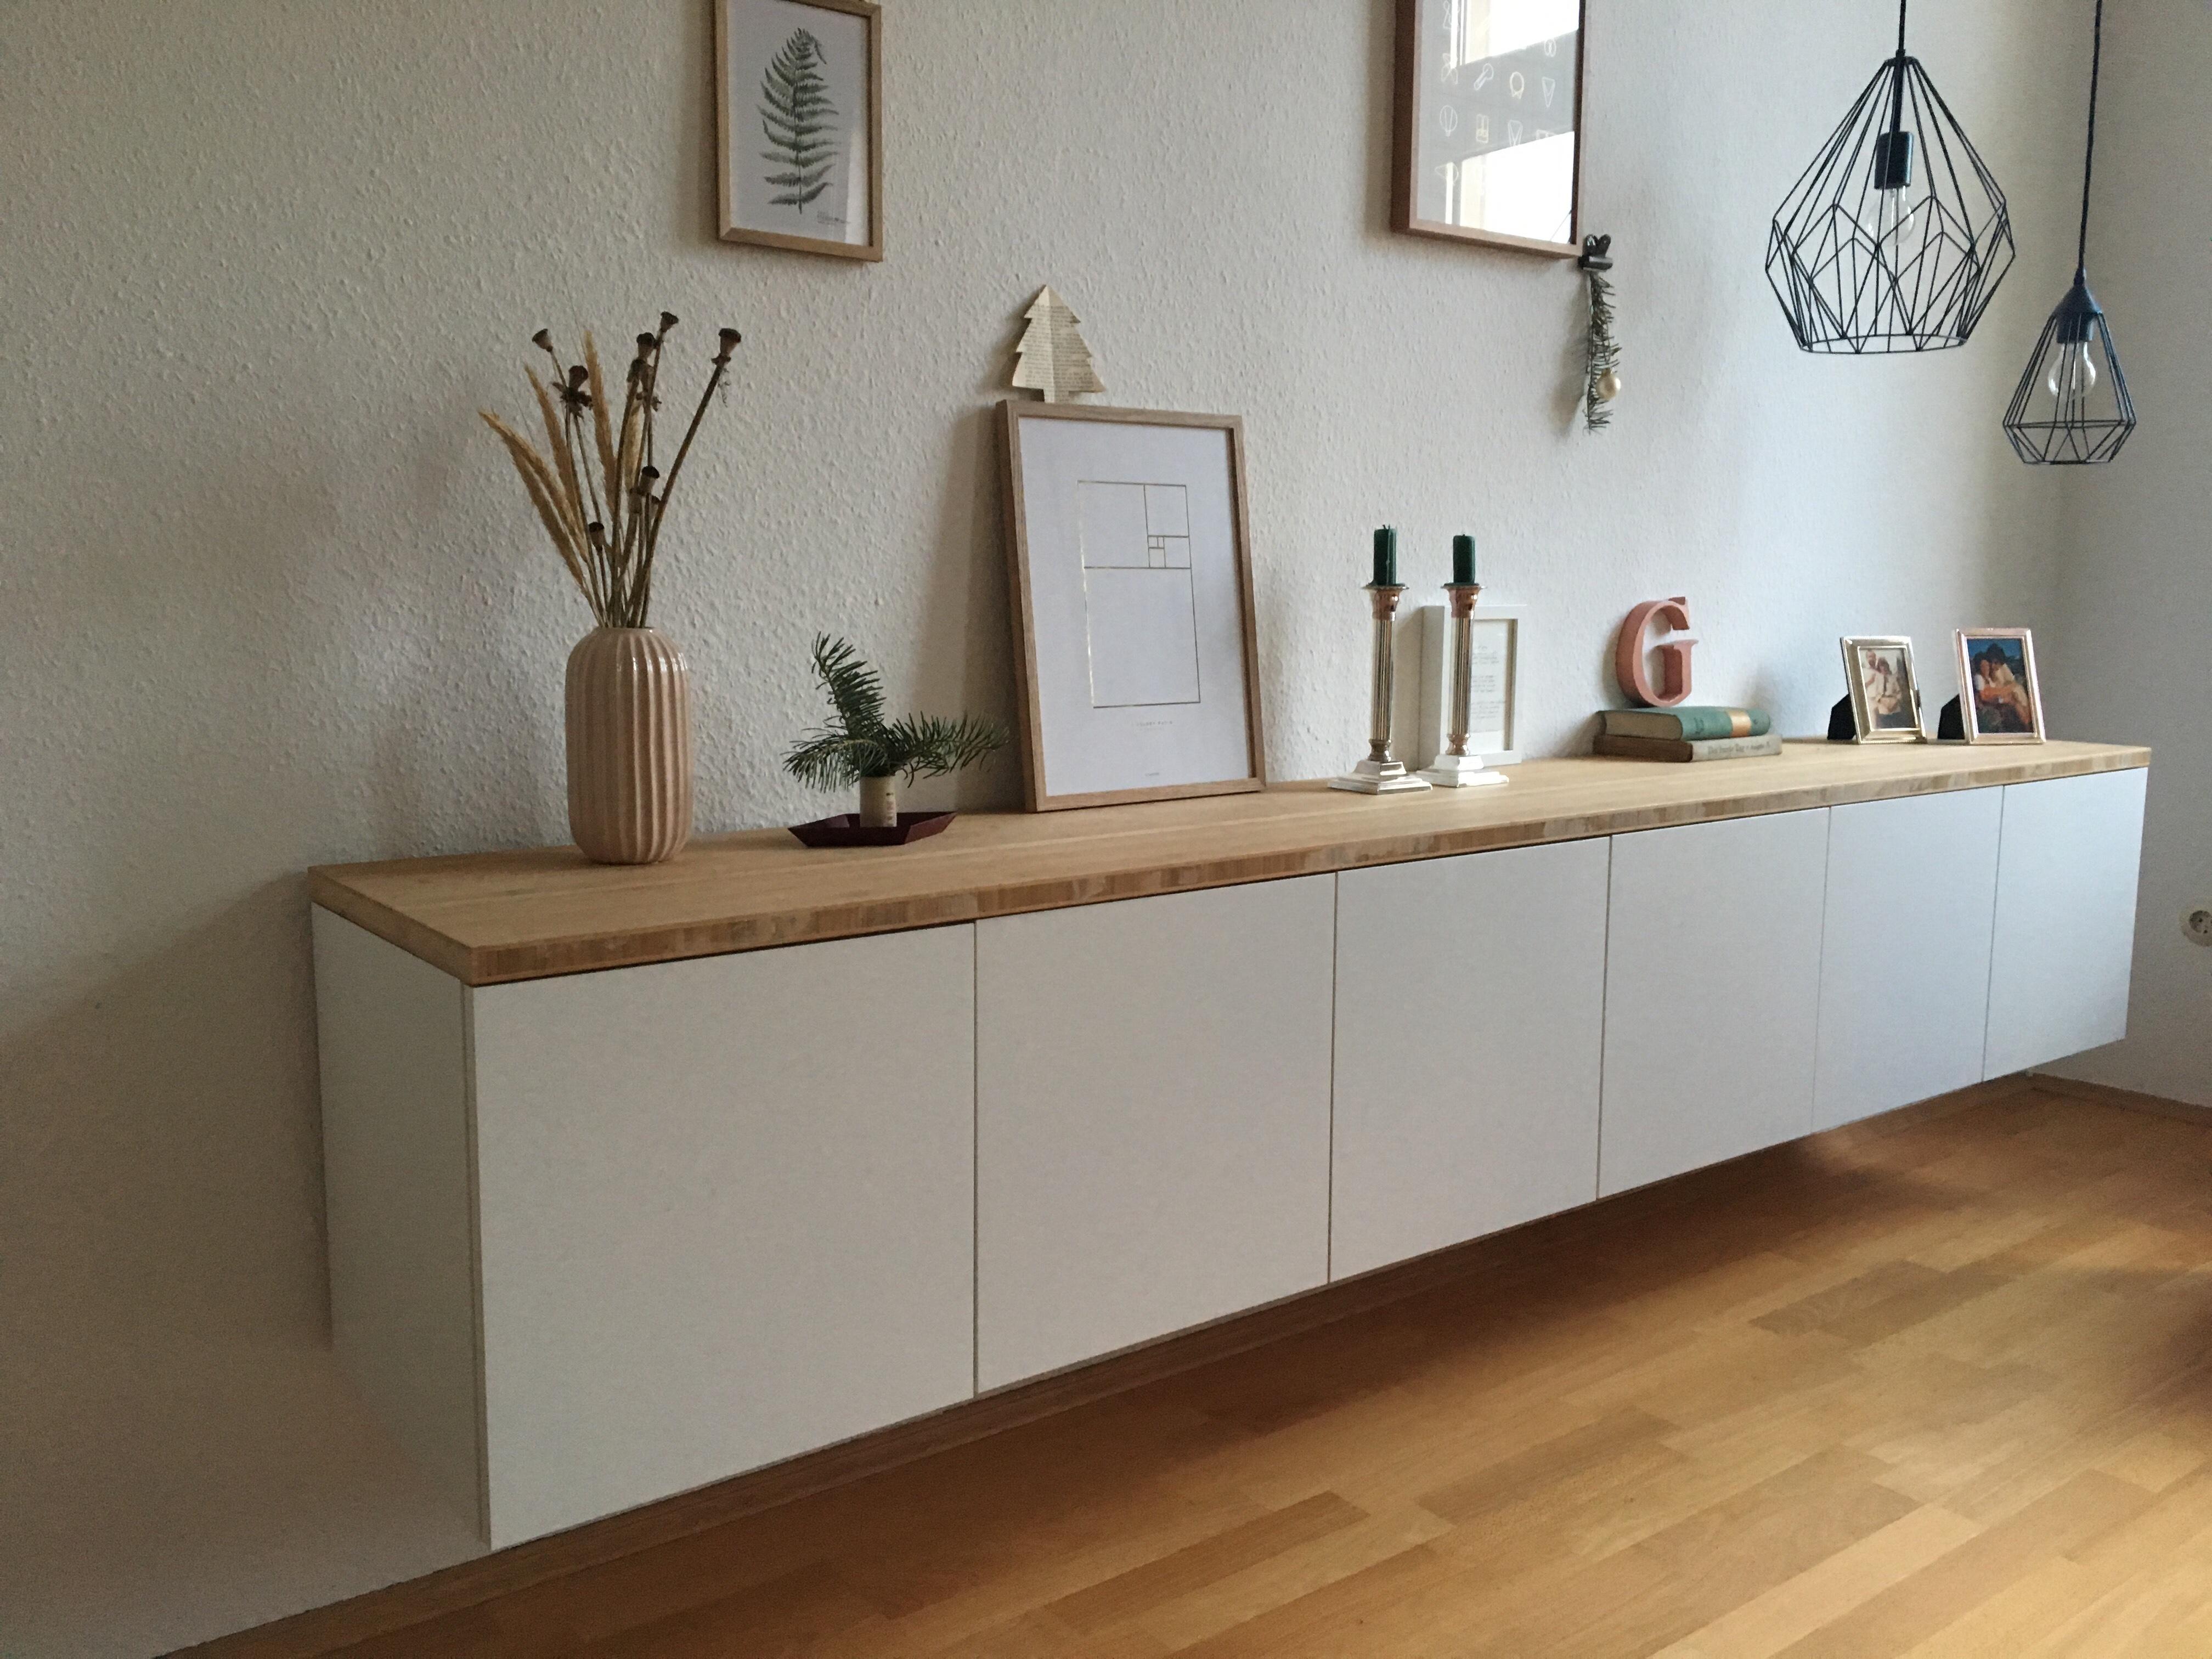 neues sideboard im wohnzimmer frau liebchen. Black Bedroom Furniture Sets. Home Design Ideas